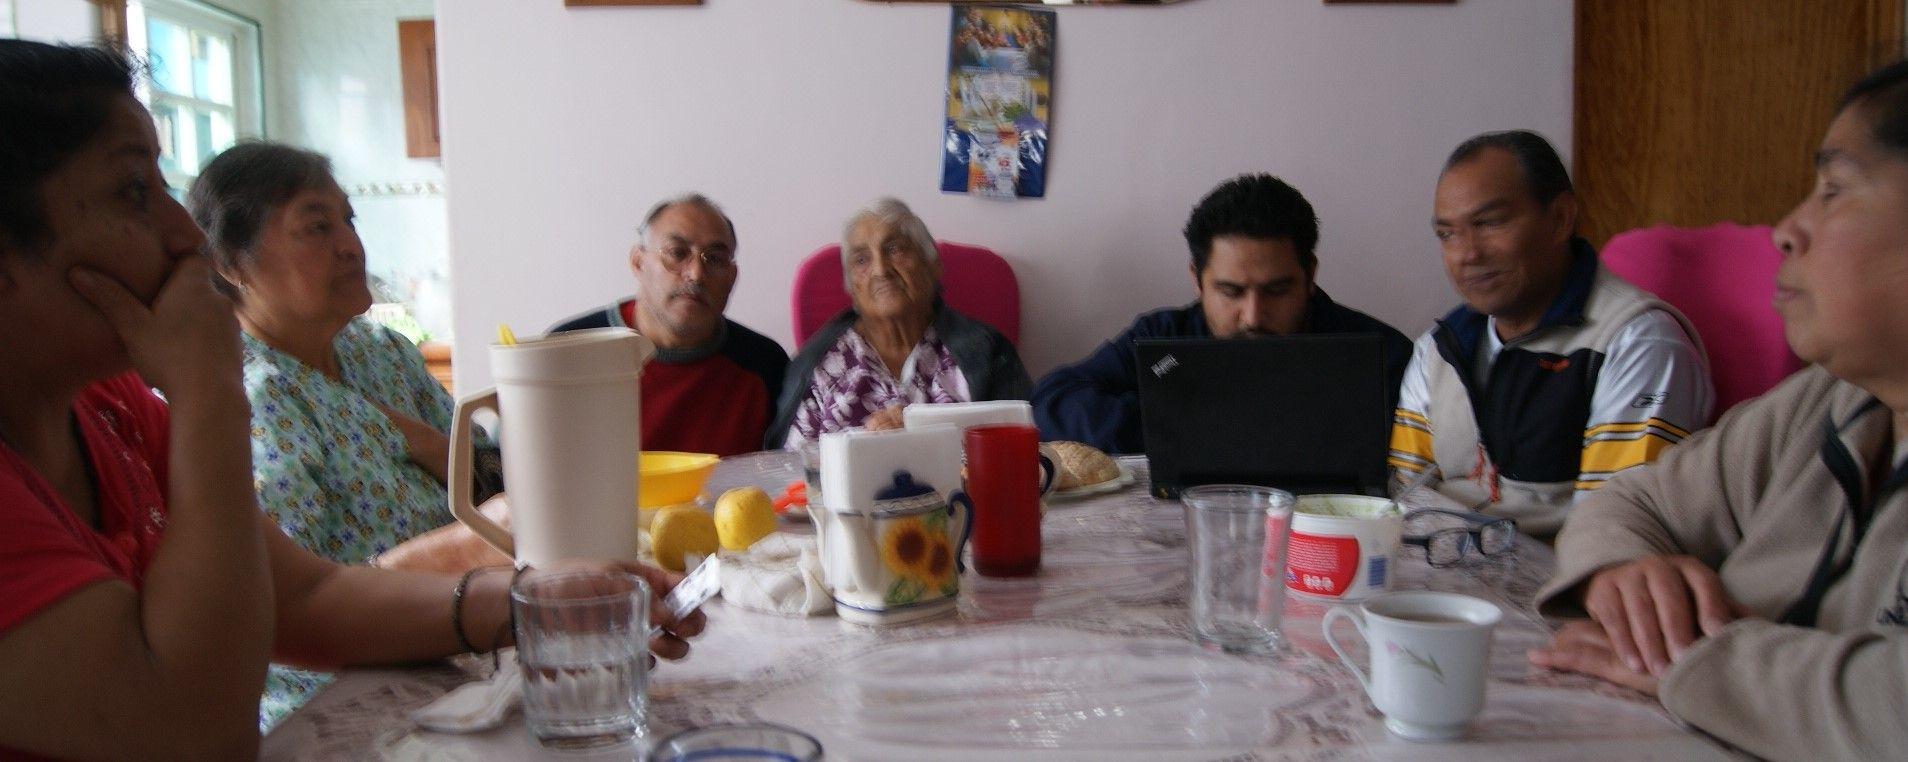 Domingo en familia F5.6    1/5    ISO 100